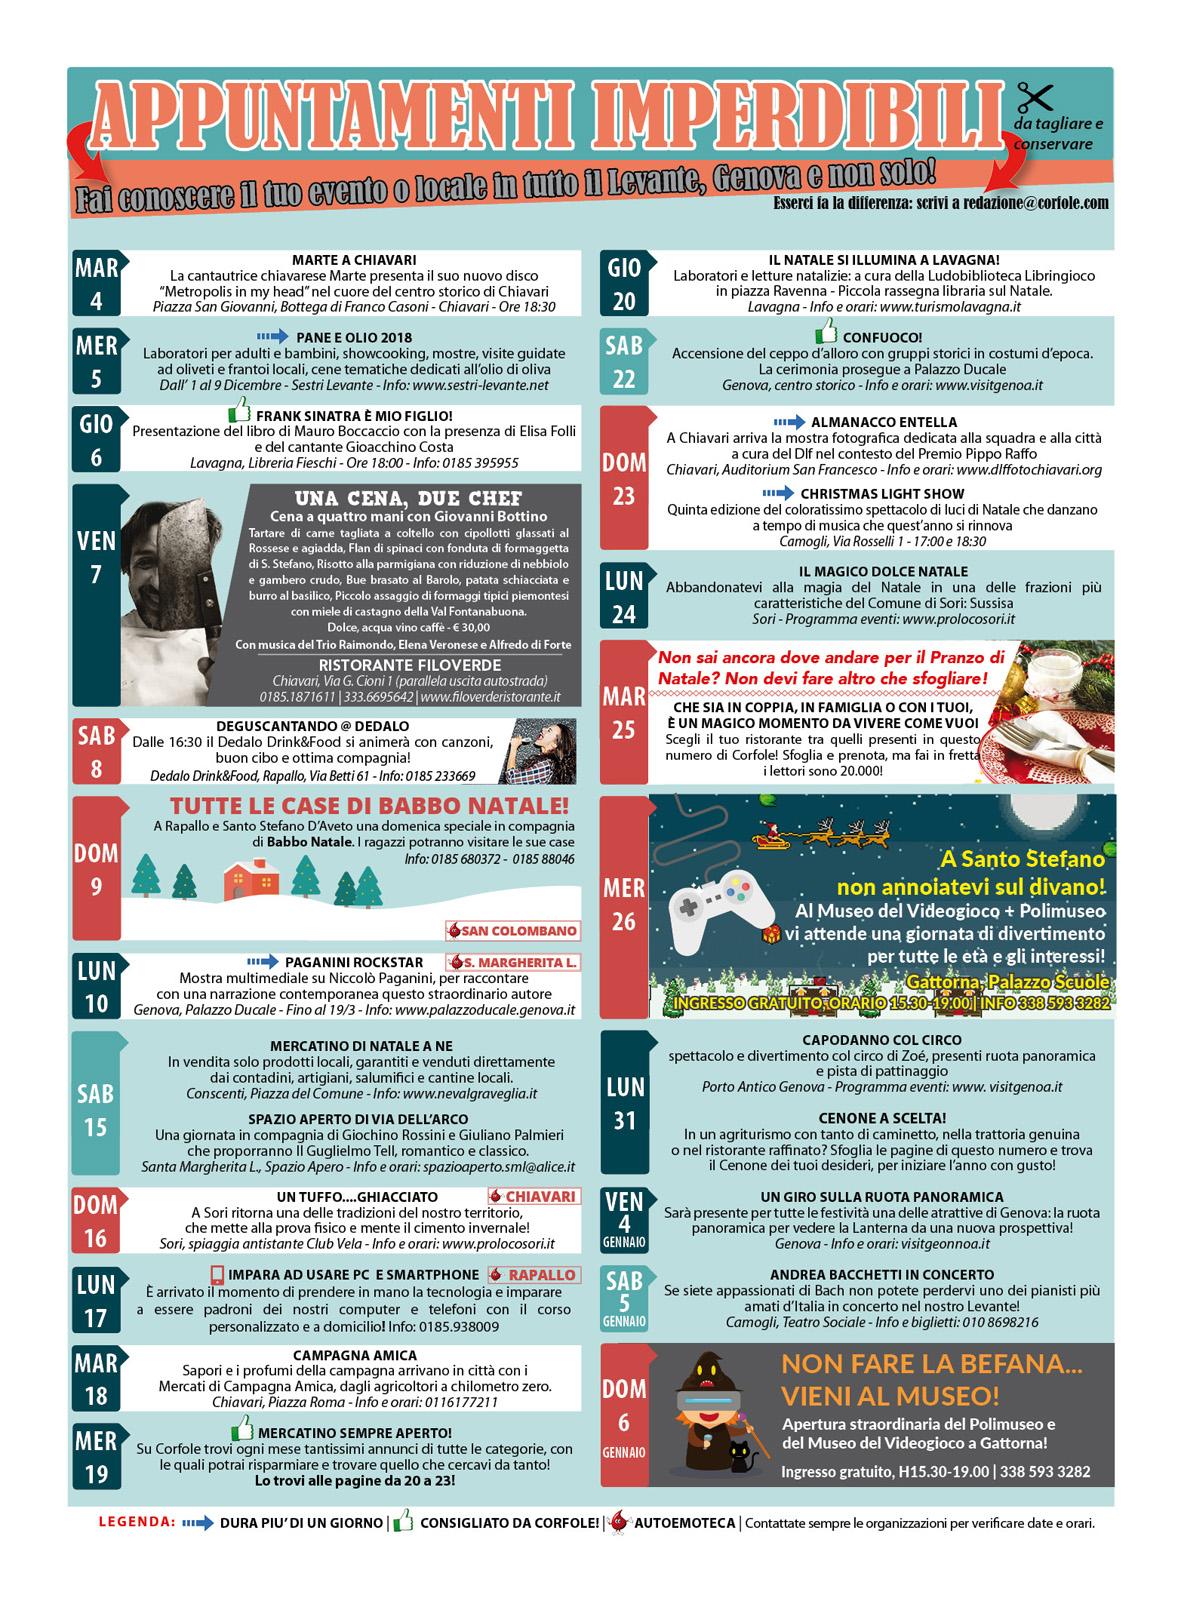 CALENDARIO EVENTI IMPERDIBILI DICEMBRE E FESTIVITA'